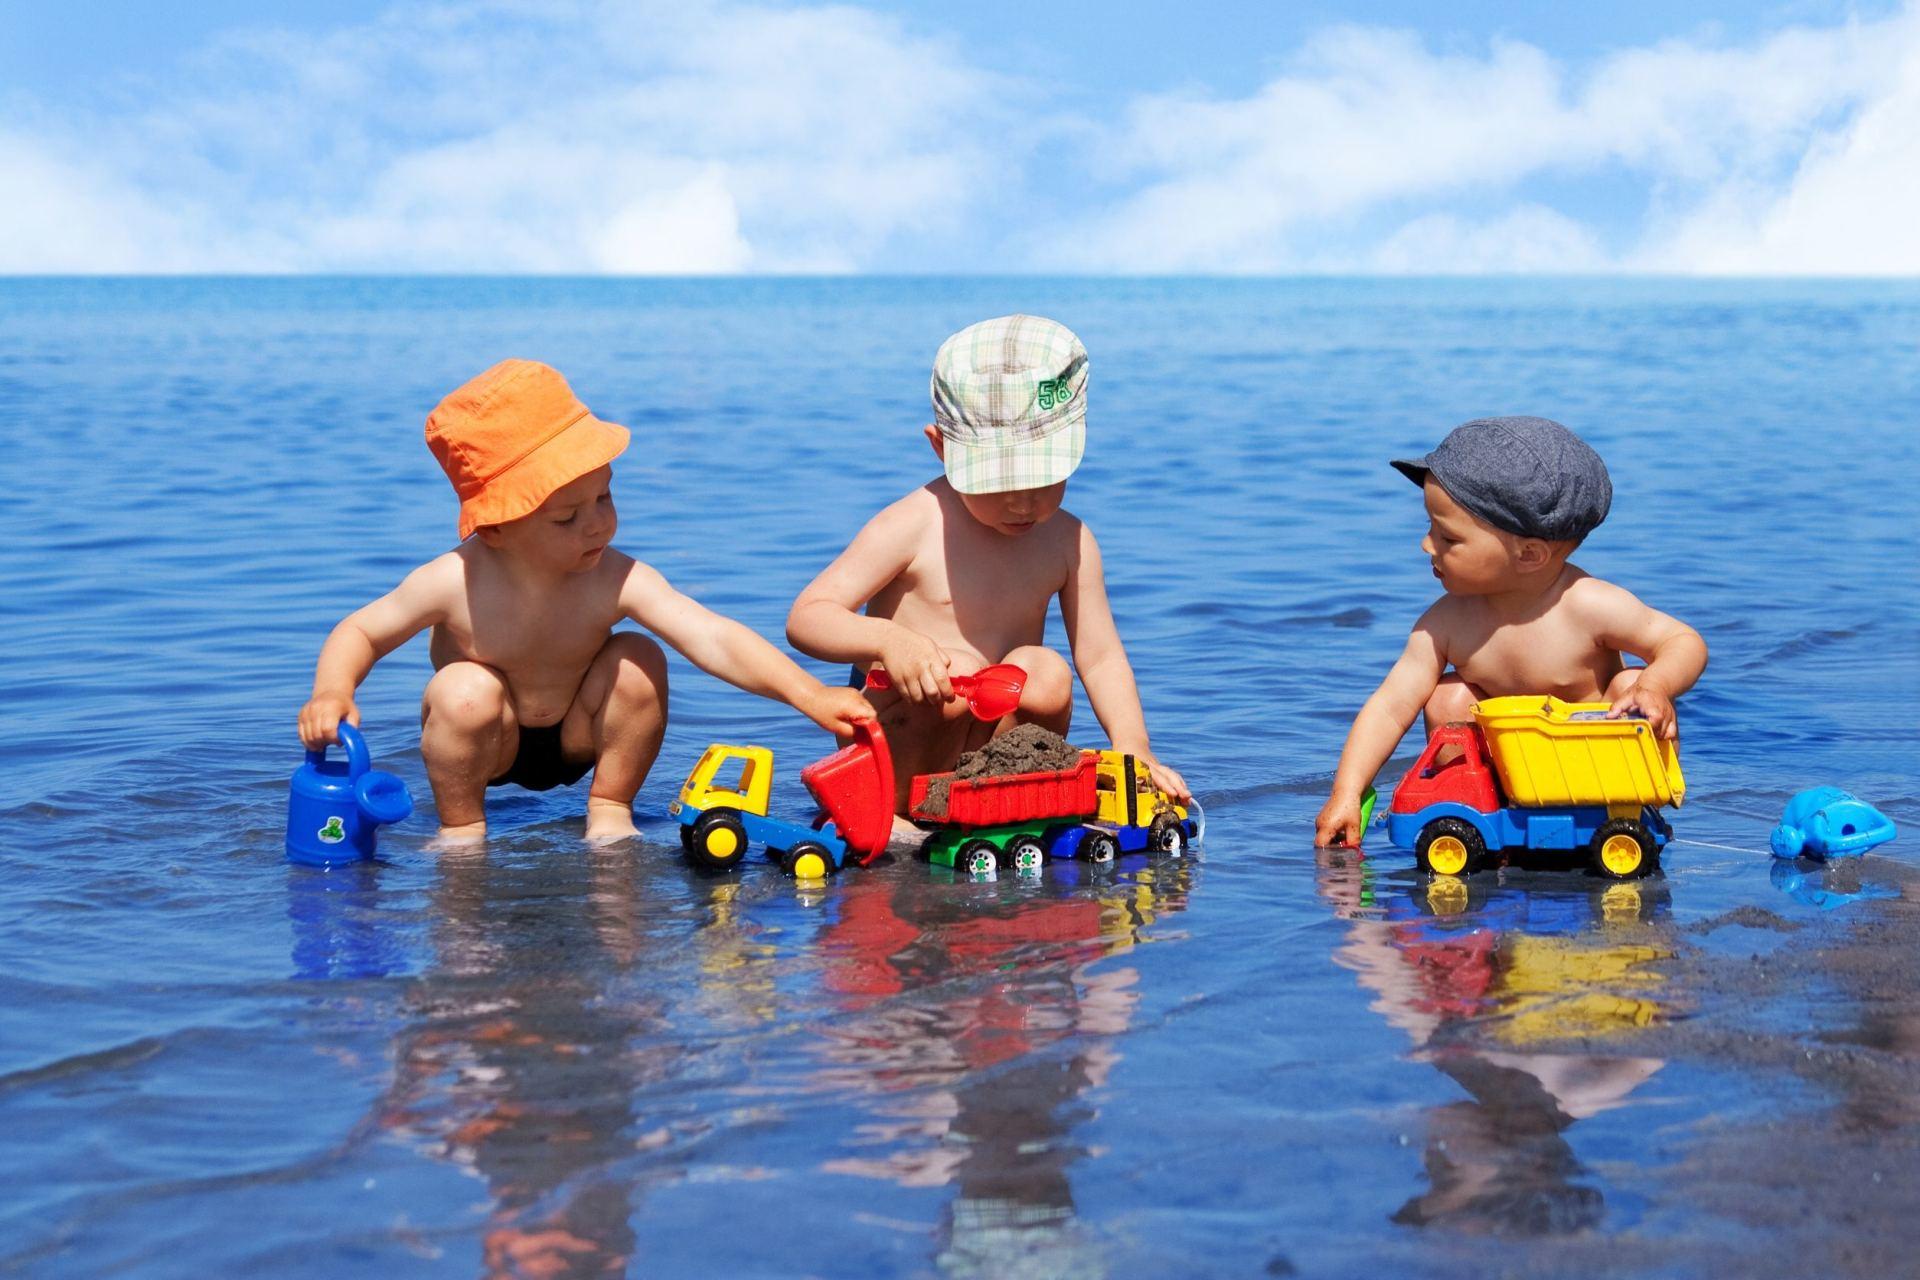 Psichologė išvardijo ženklus, kurie signalizuoja, kad vaikiški žaidimai  daro žalą vaiko psichikai | Gyvenimas | 15min.lt